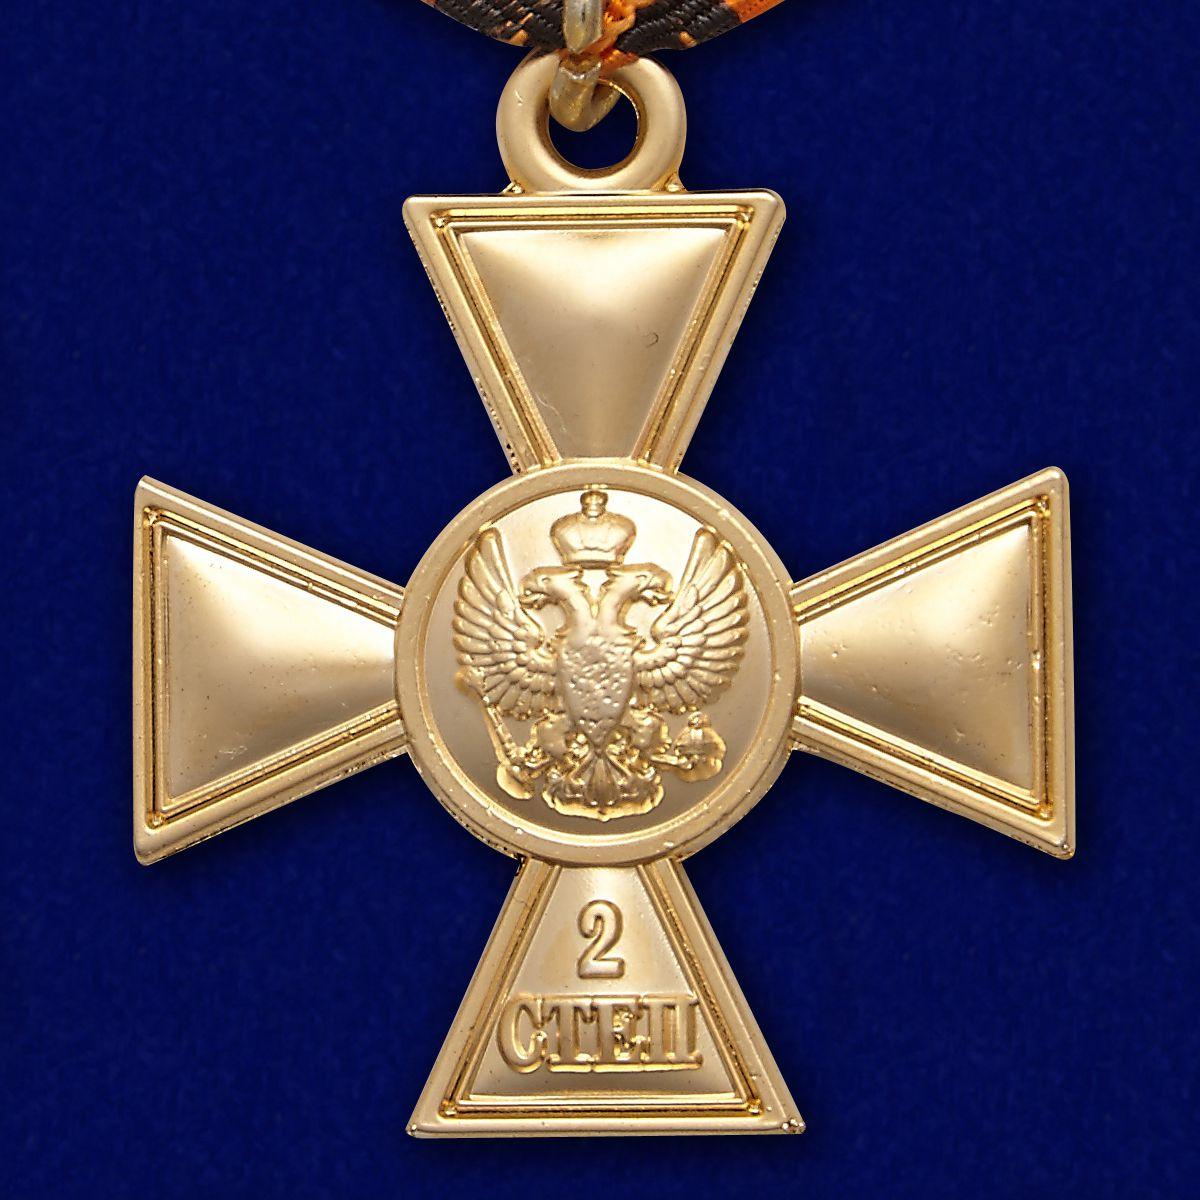 Георгиевский крест для иноверцев II степени - оборотная сторона